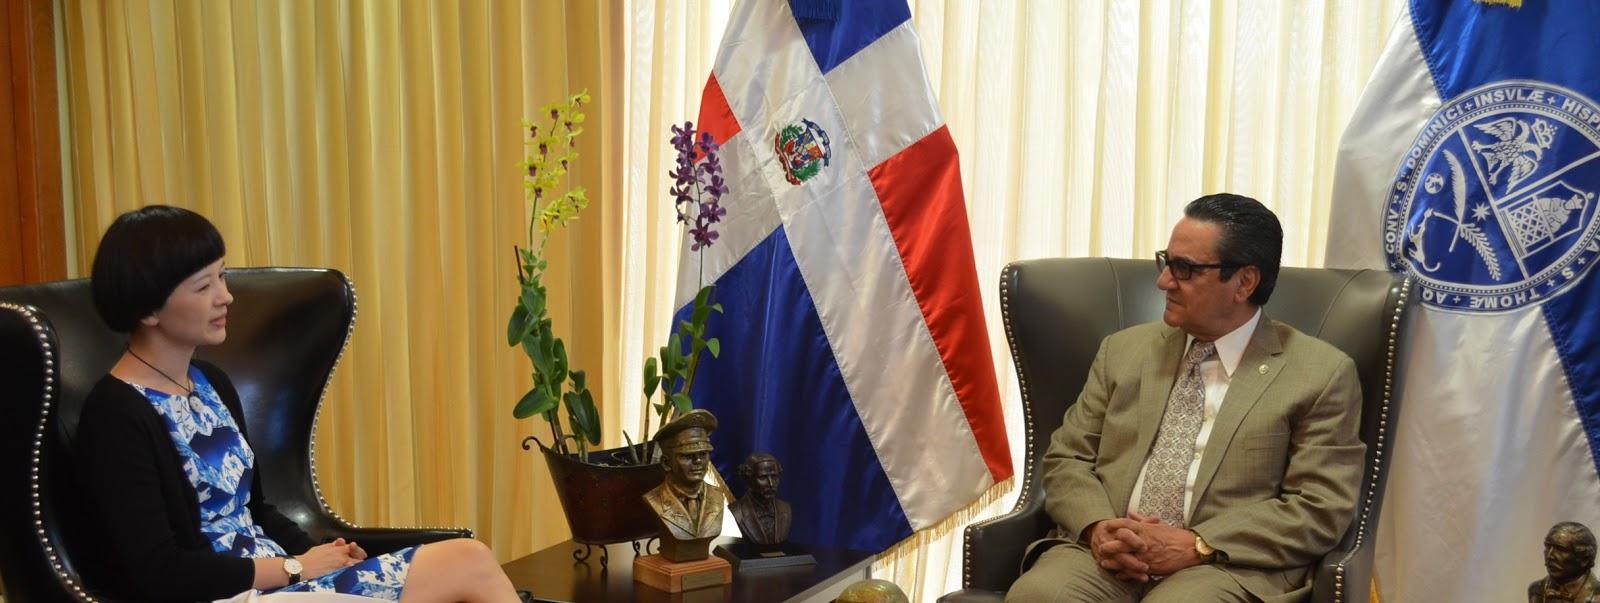 Rector de la uasd recibe visita de representante de la for El comercio oficinas